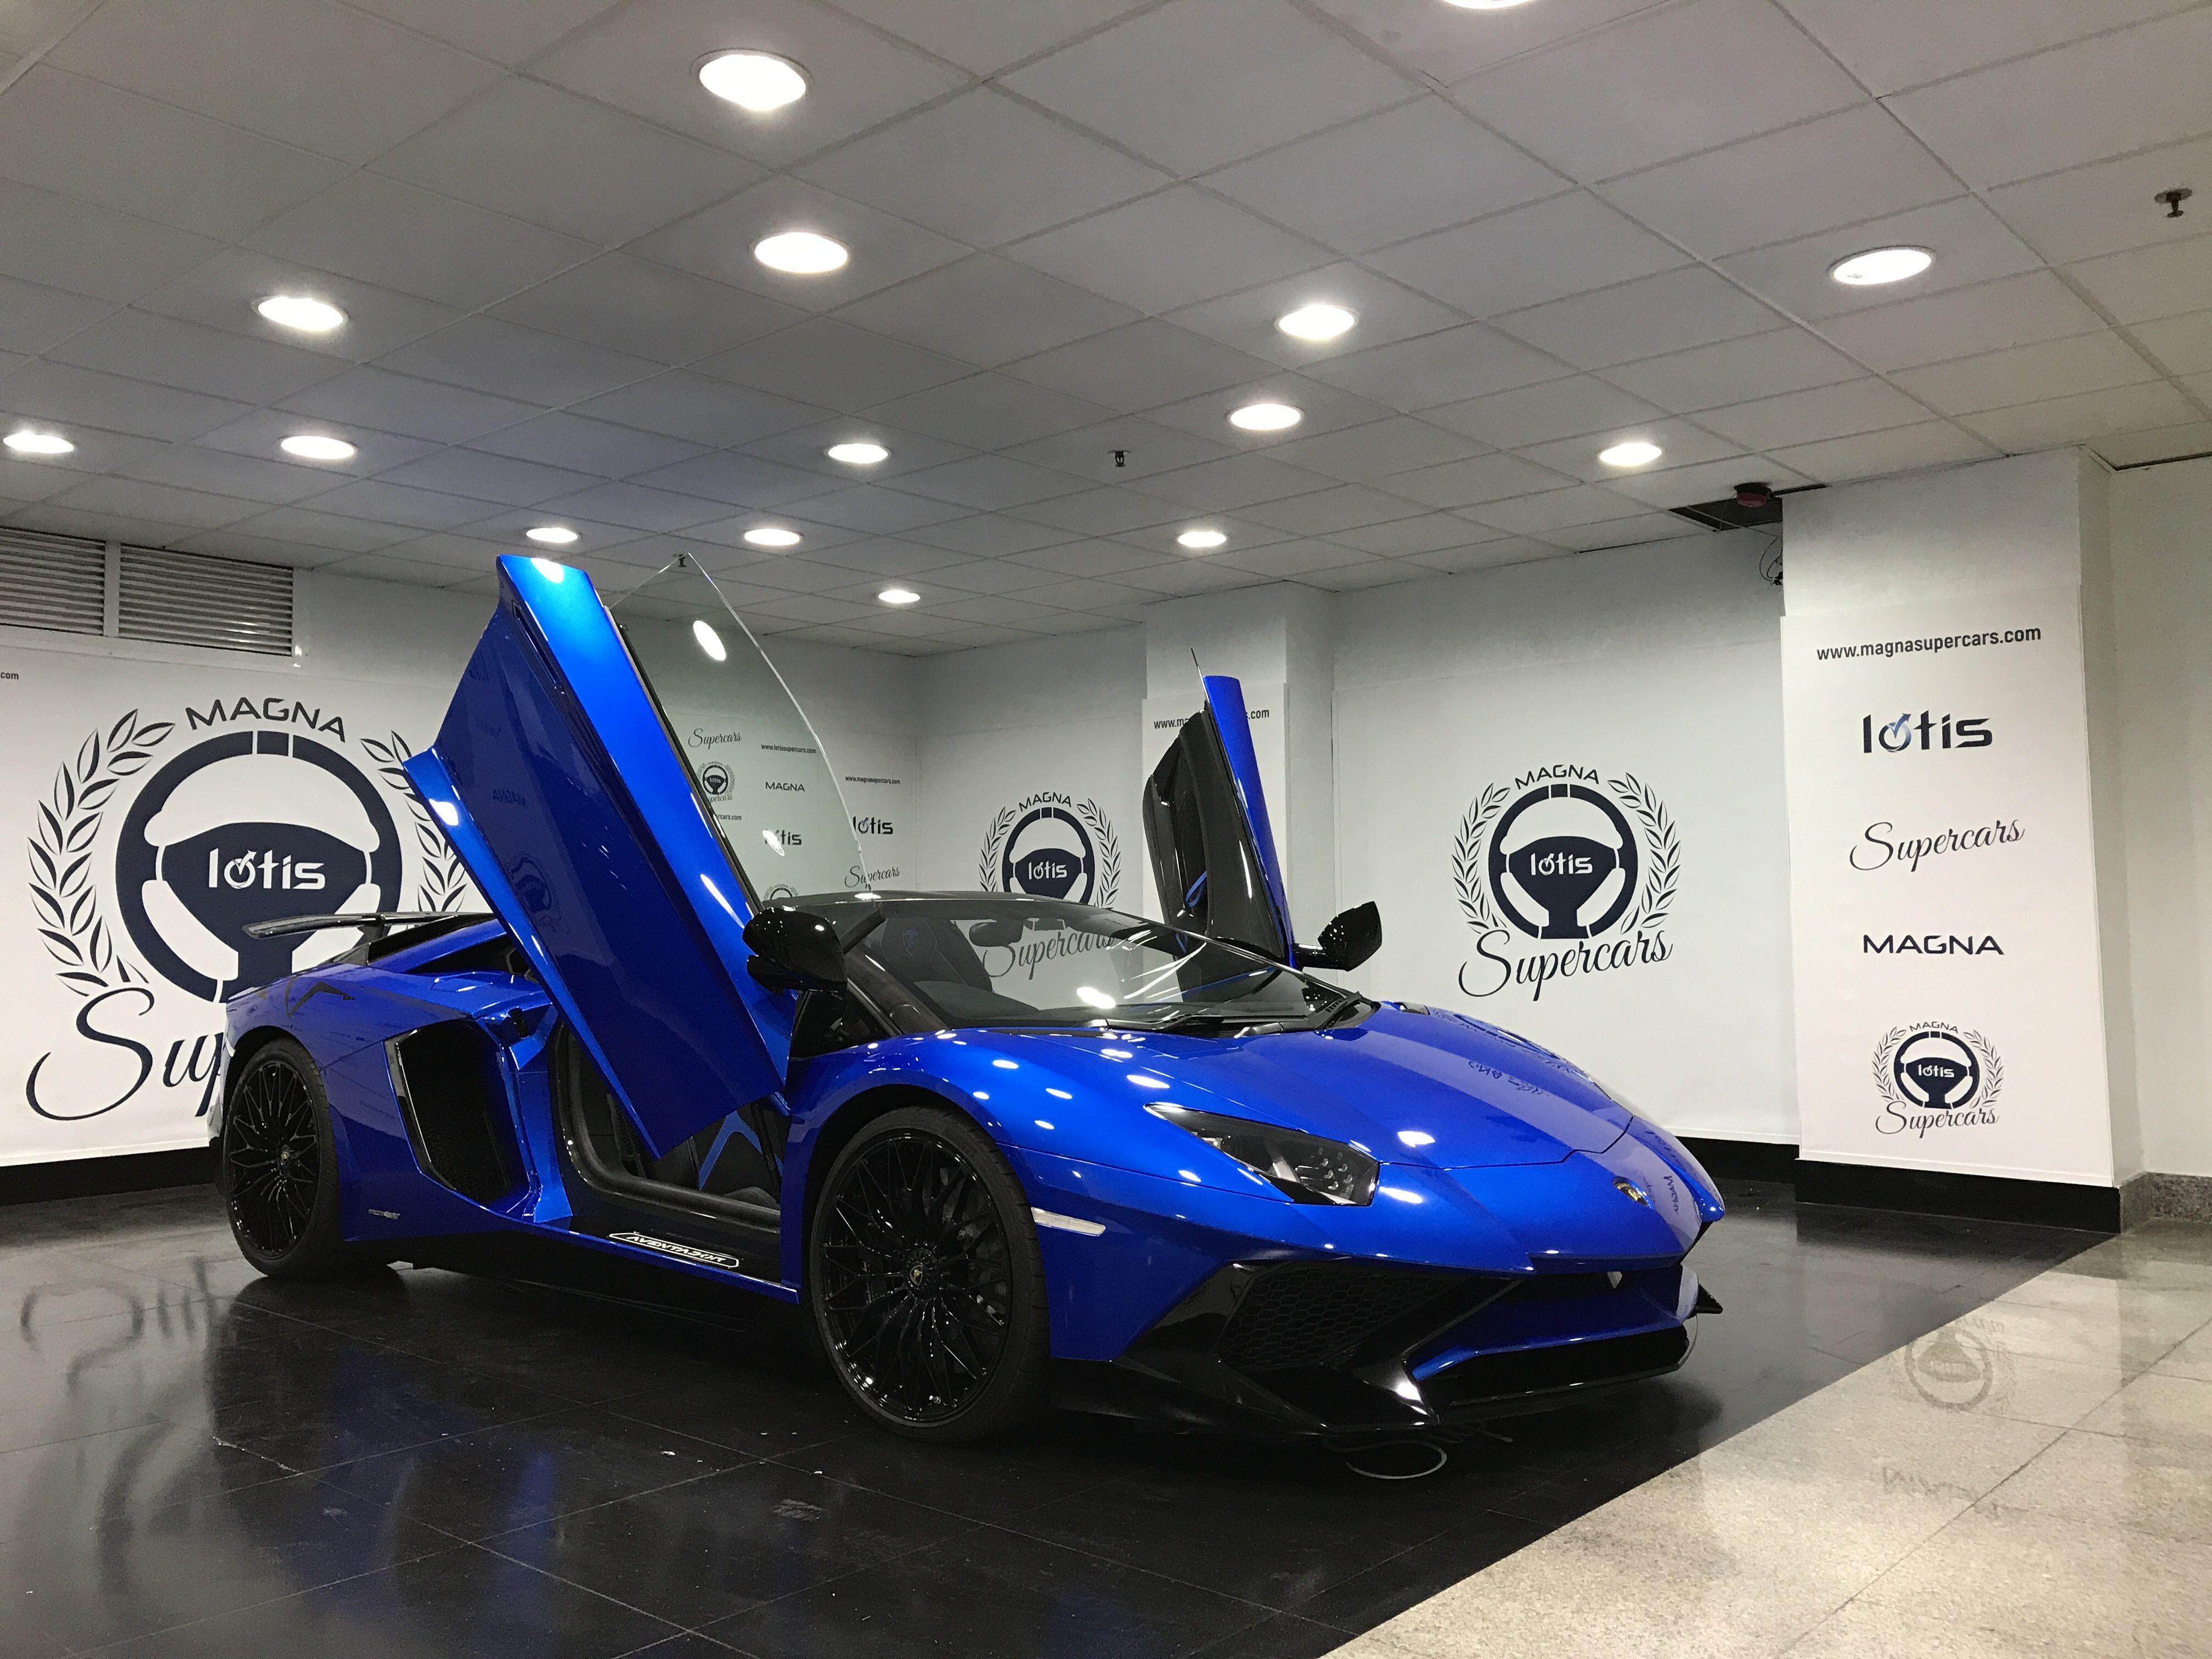 2016 Lamborghini Aventador Sv In Marbella Spain For Sale On